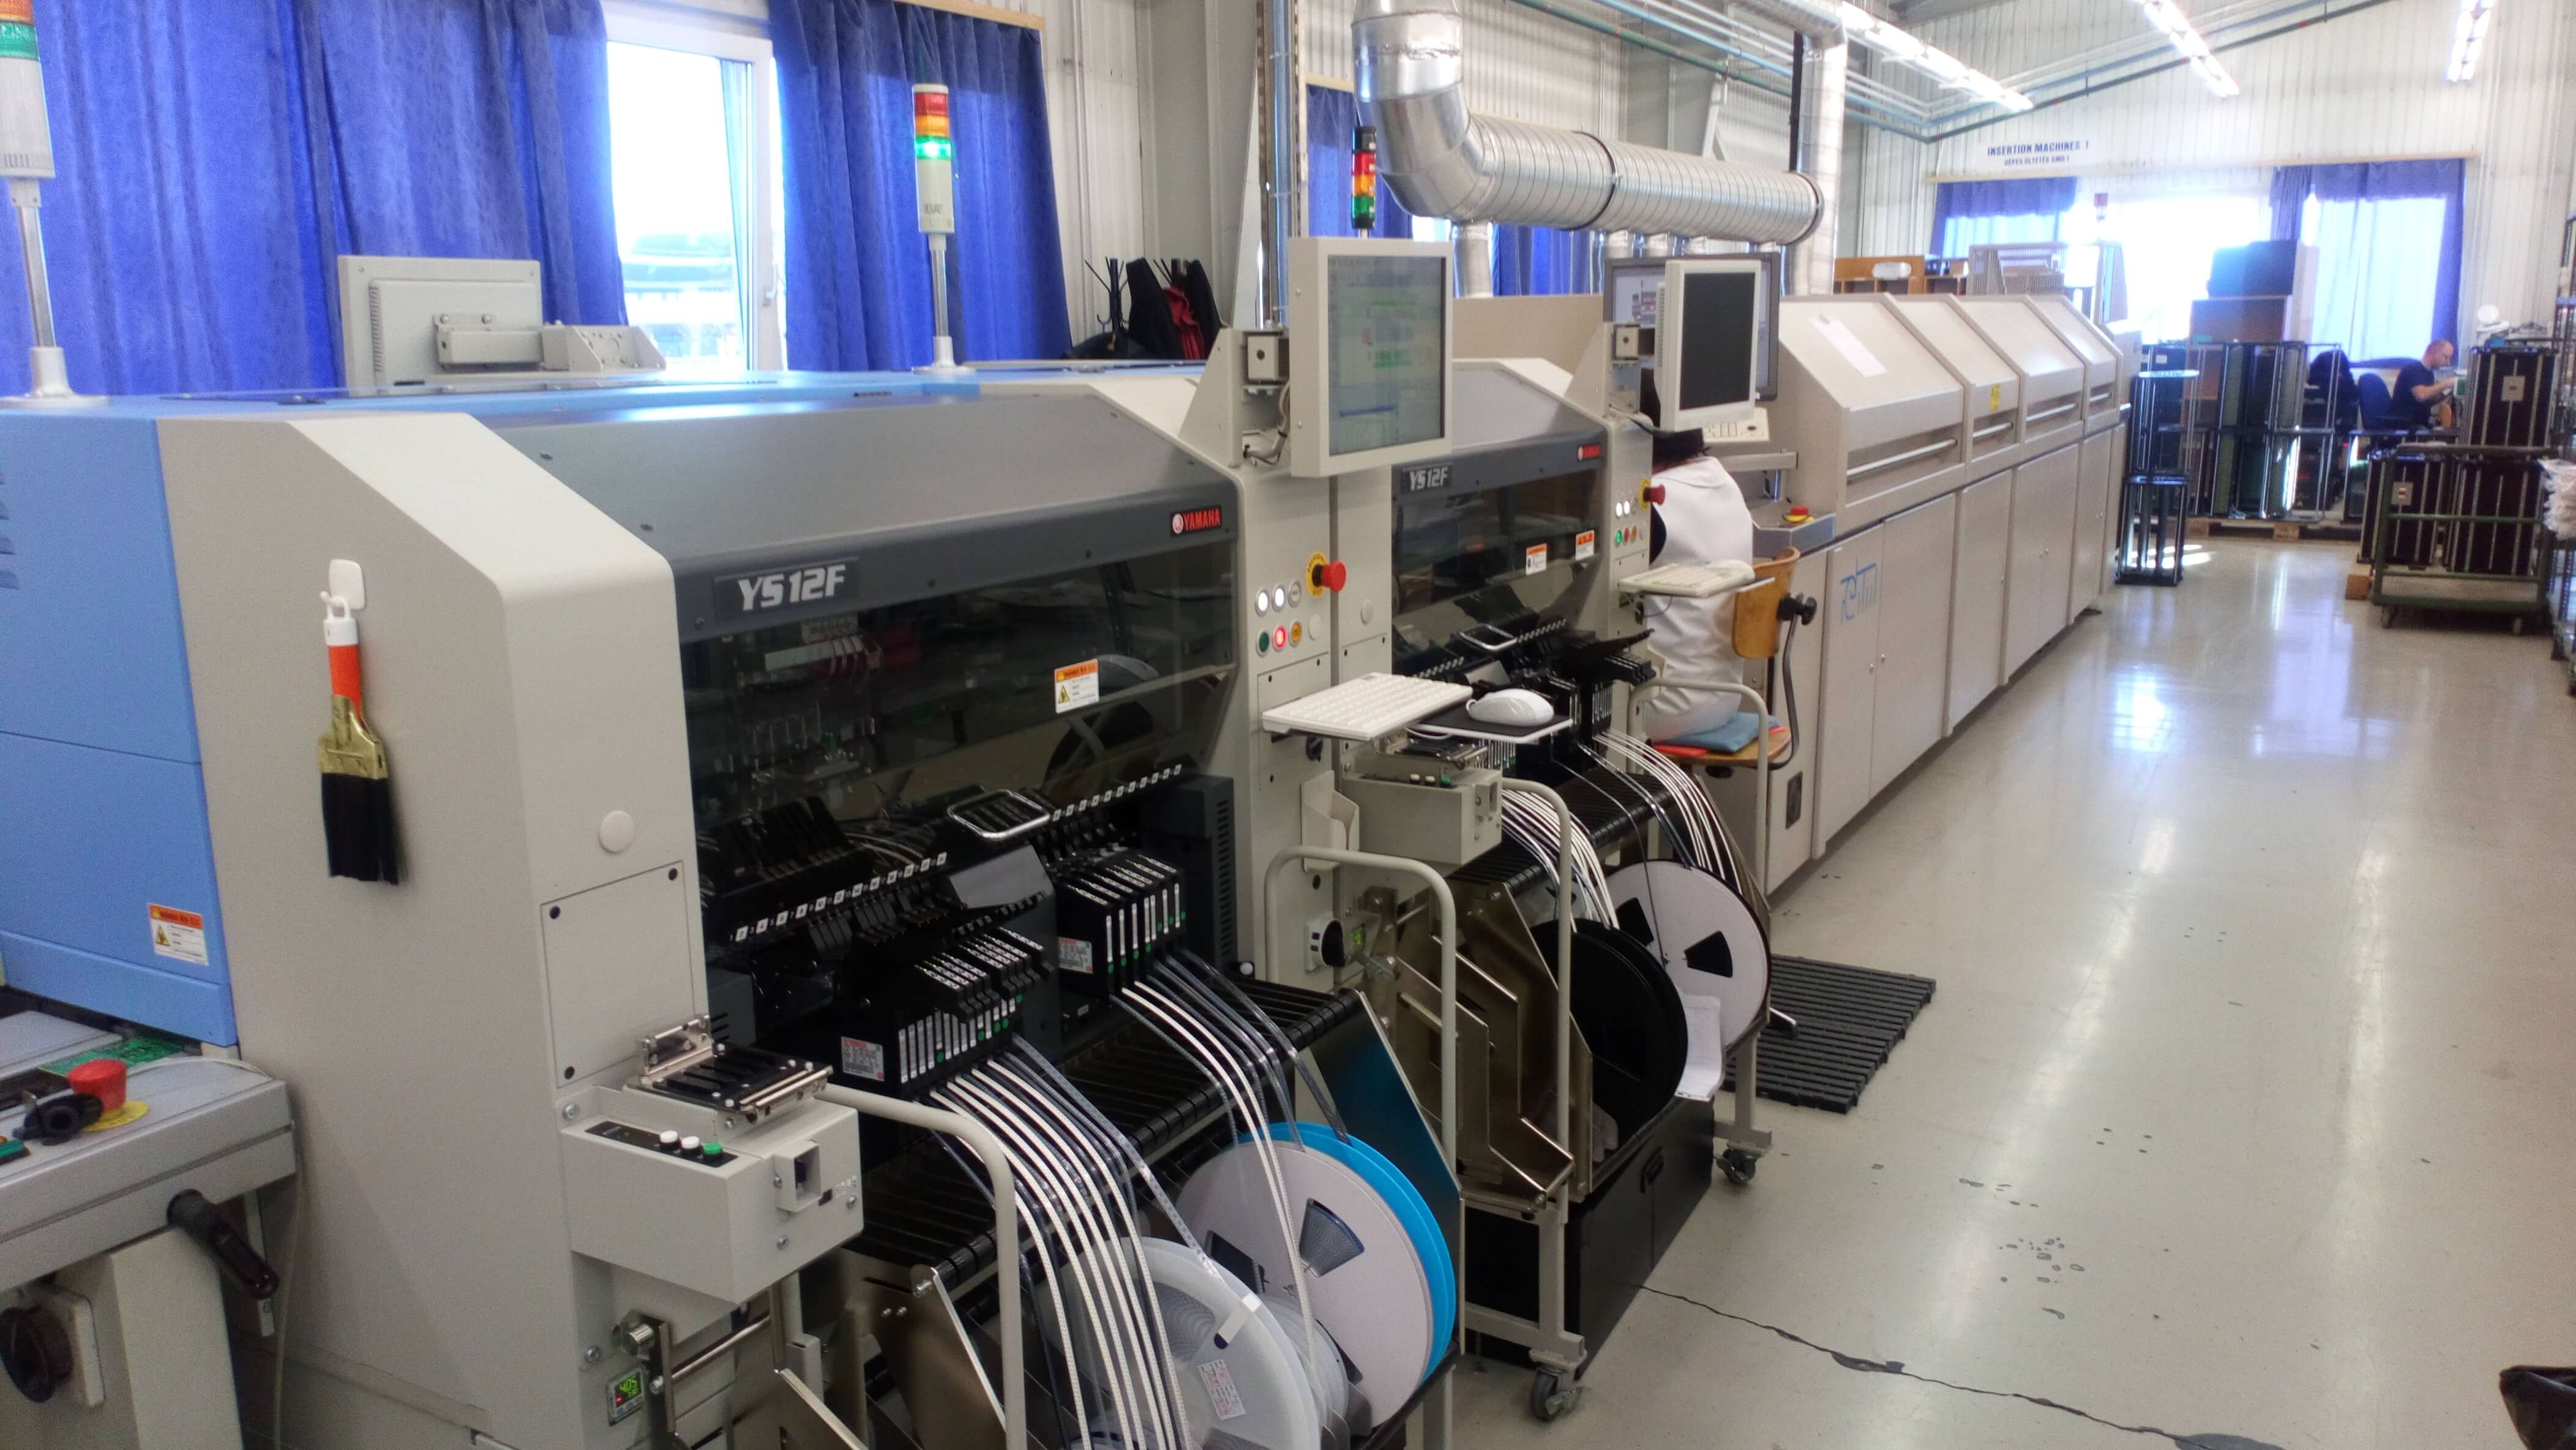 PCB assembly manufacturer, Yamaha machine